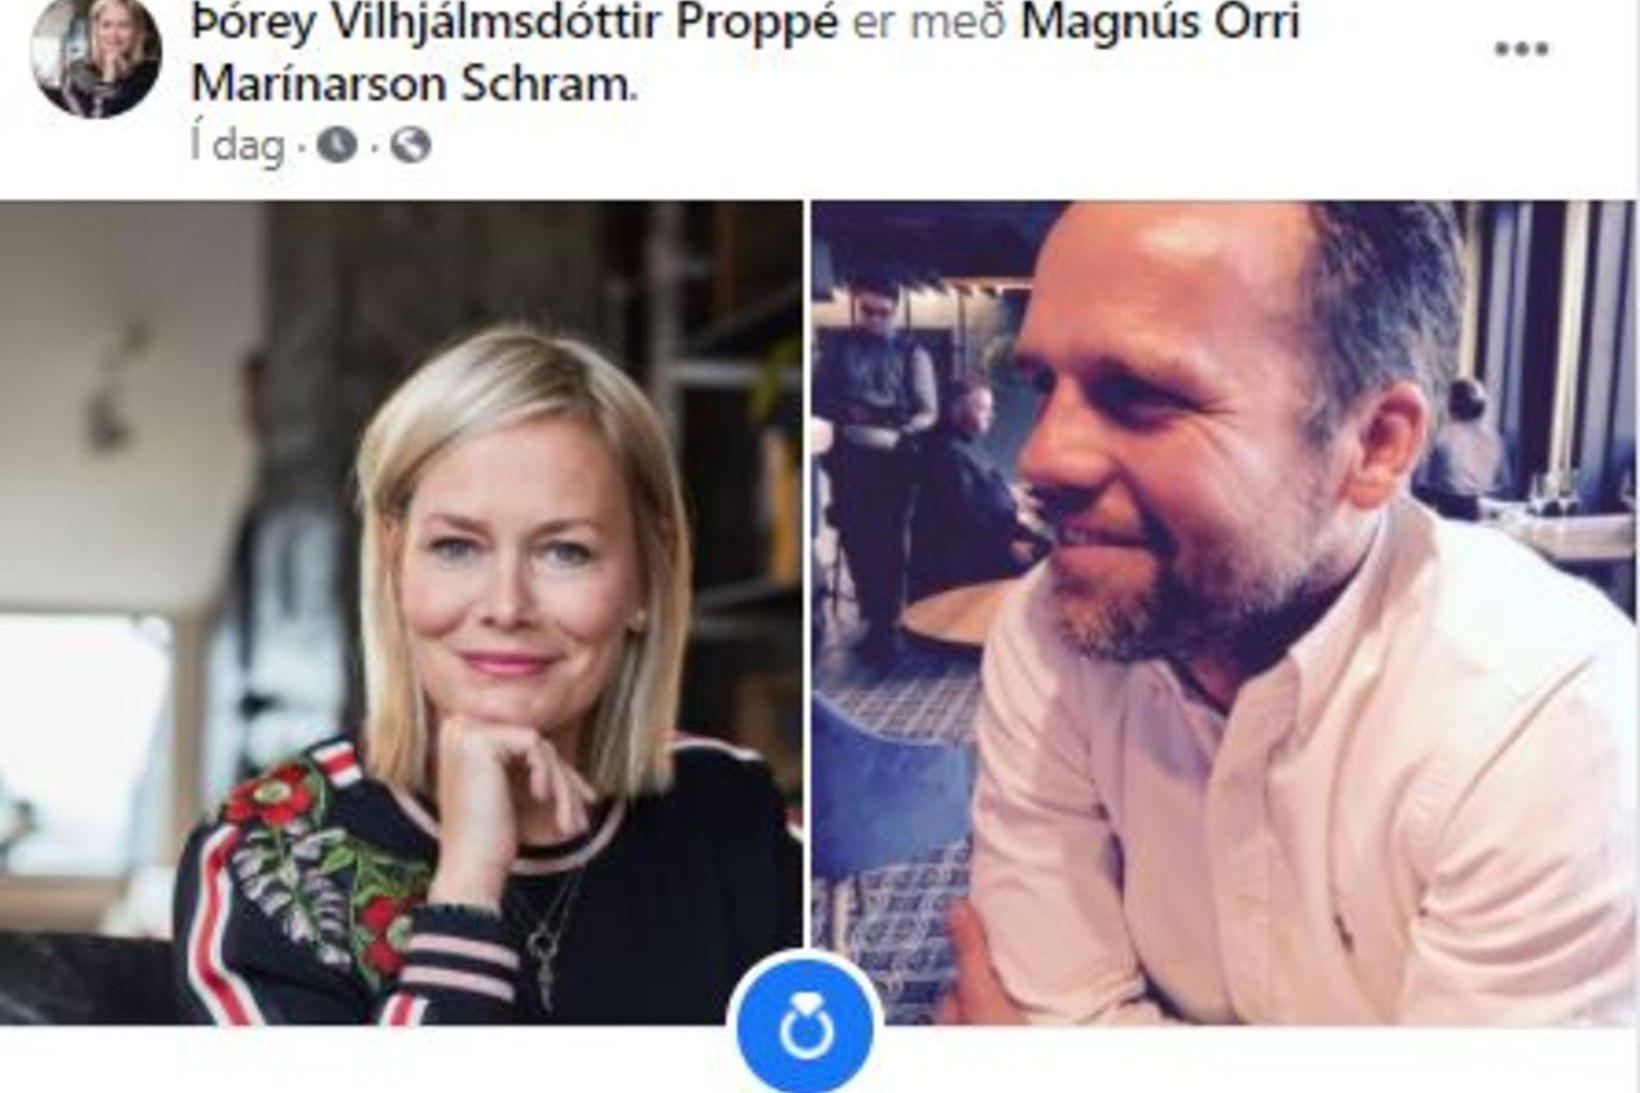 Þórey Vilhjálmsdóttir Proppé og Magnús Orri Schram.